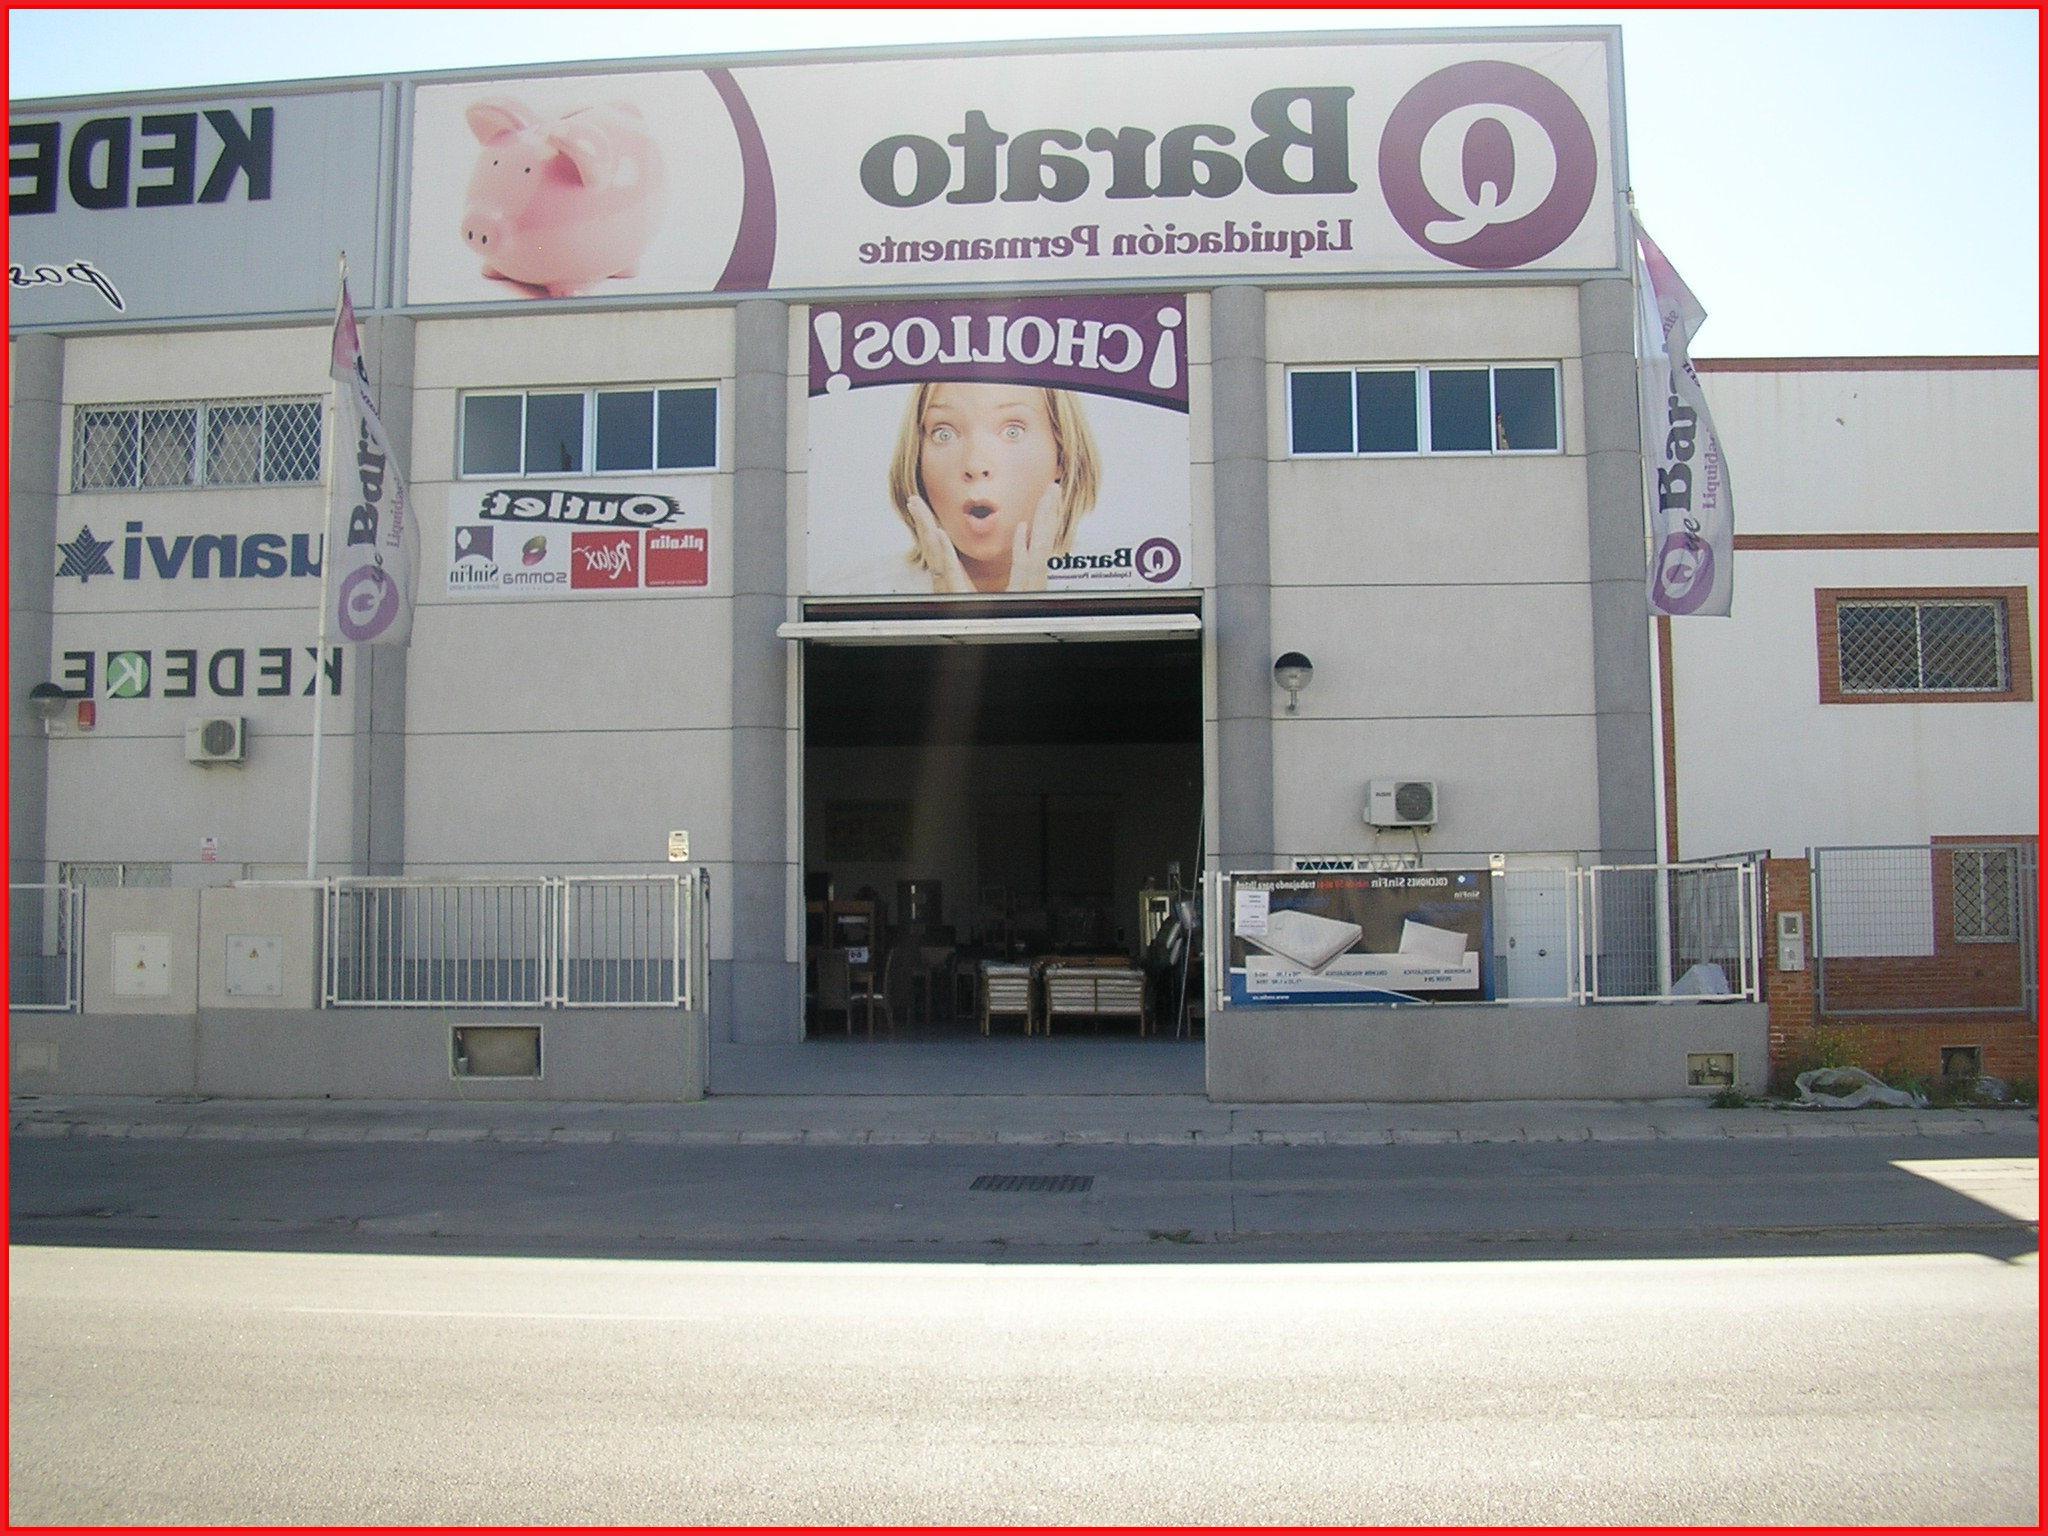 Tiendas De Muebles En Malaga En Liquidacion Qwdq Tiendas De Muebles En Malaga En Liquidacion Lo Mejor De